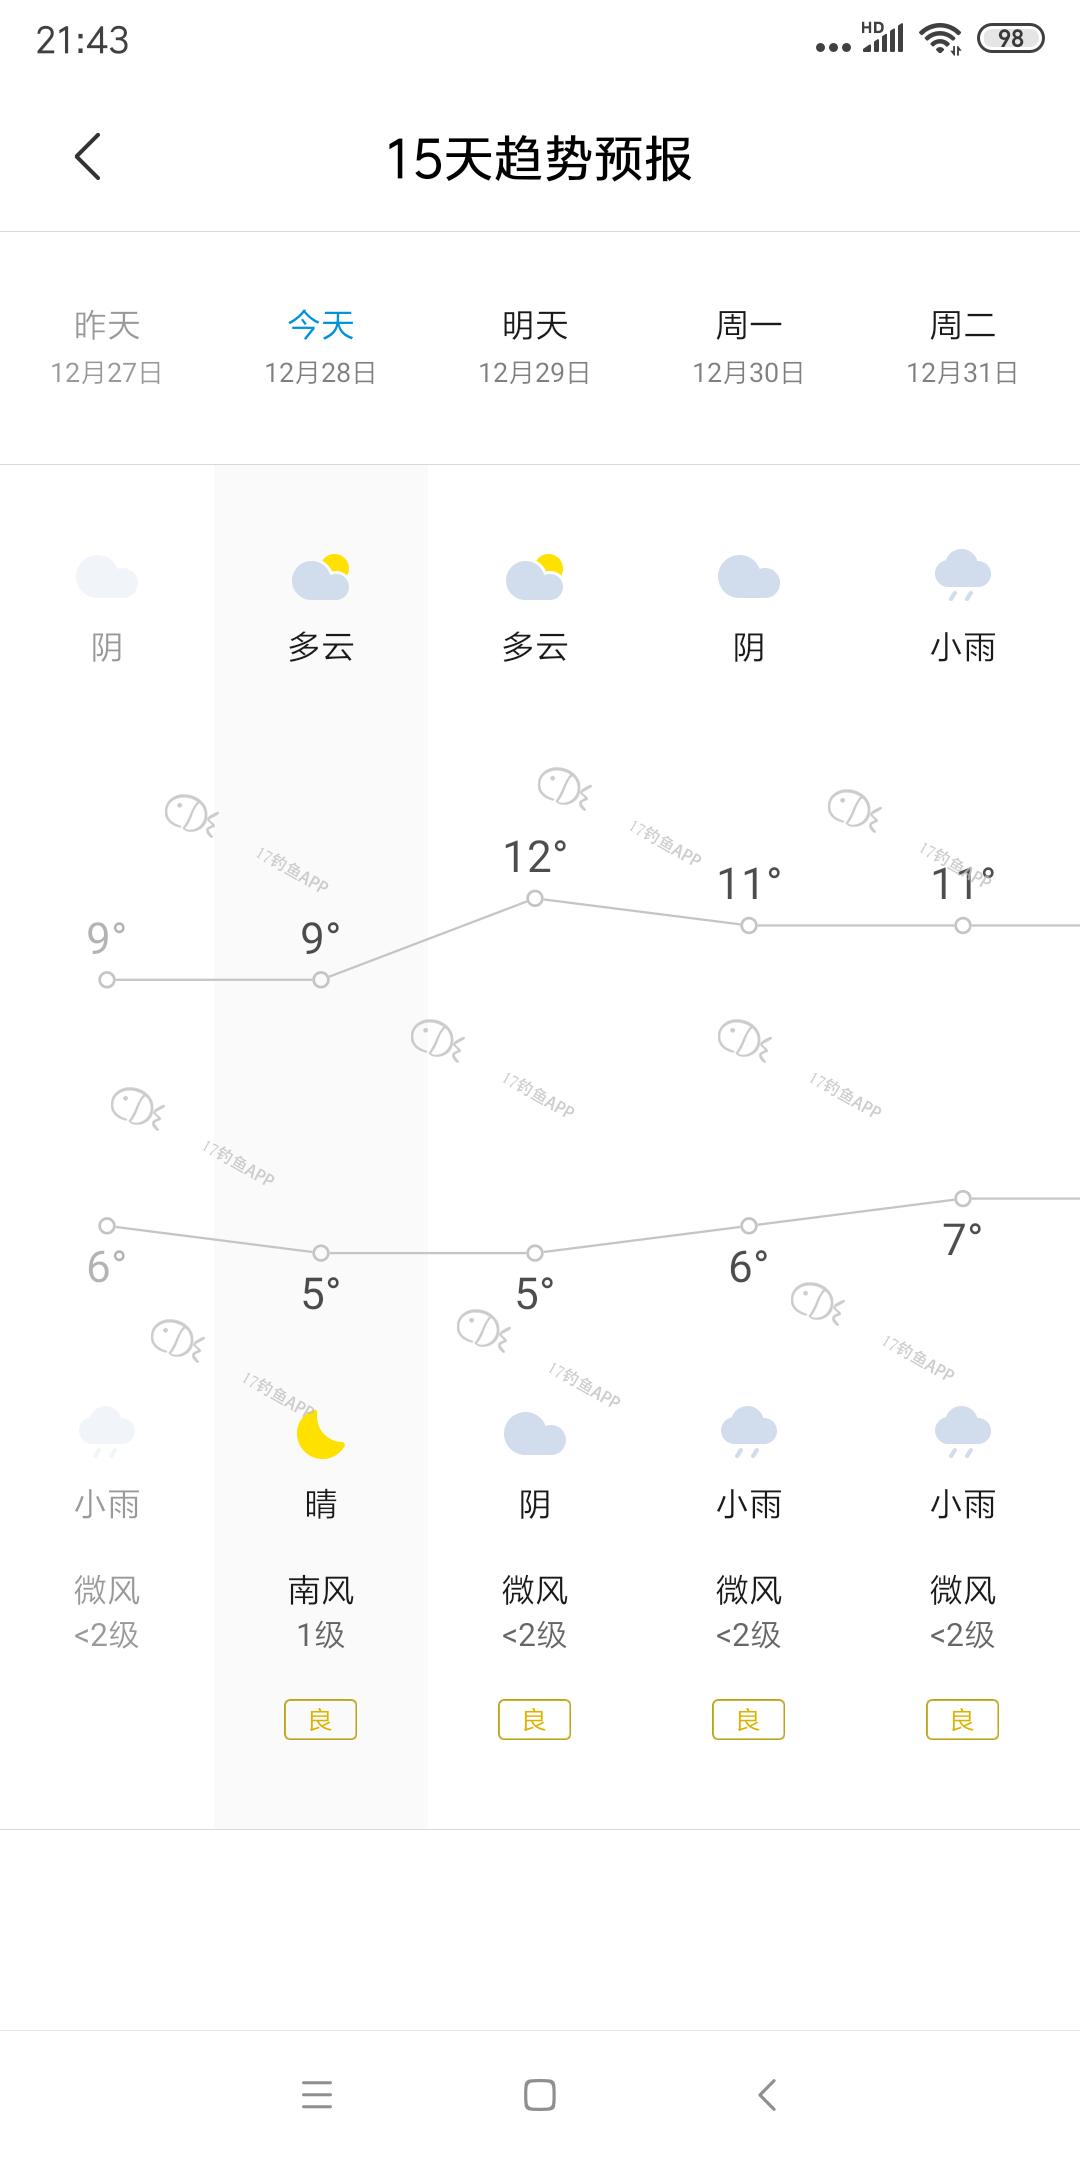 Screenshot_2019-12-28-21-43-10-258_com.miui.weather2.png